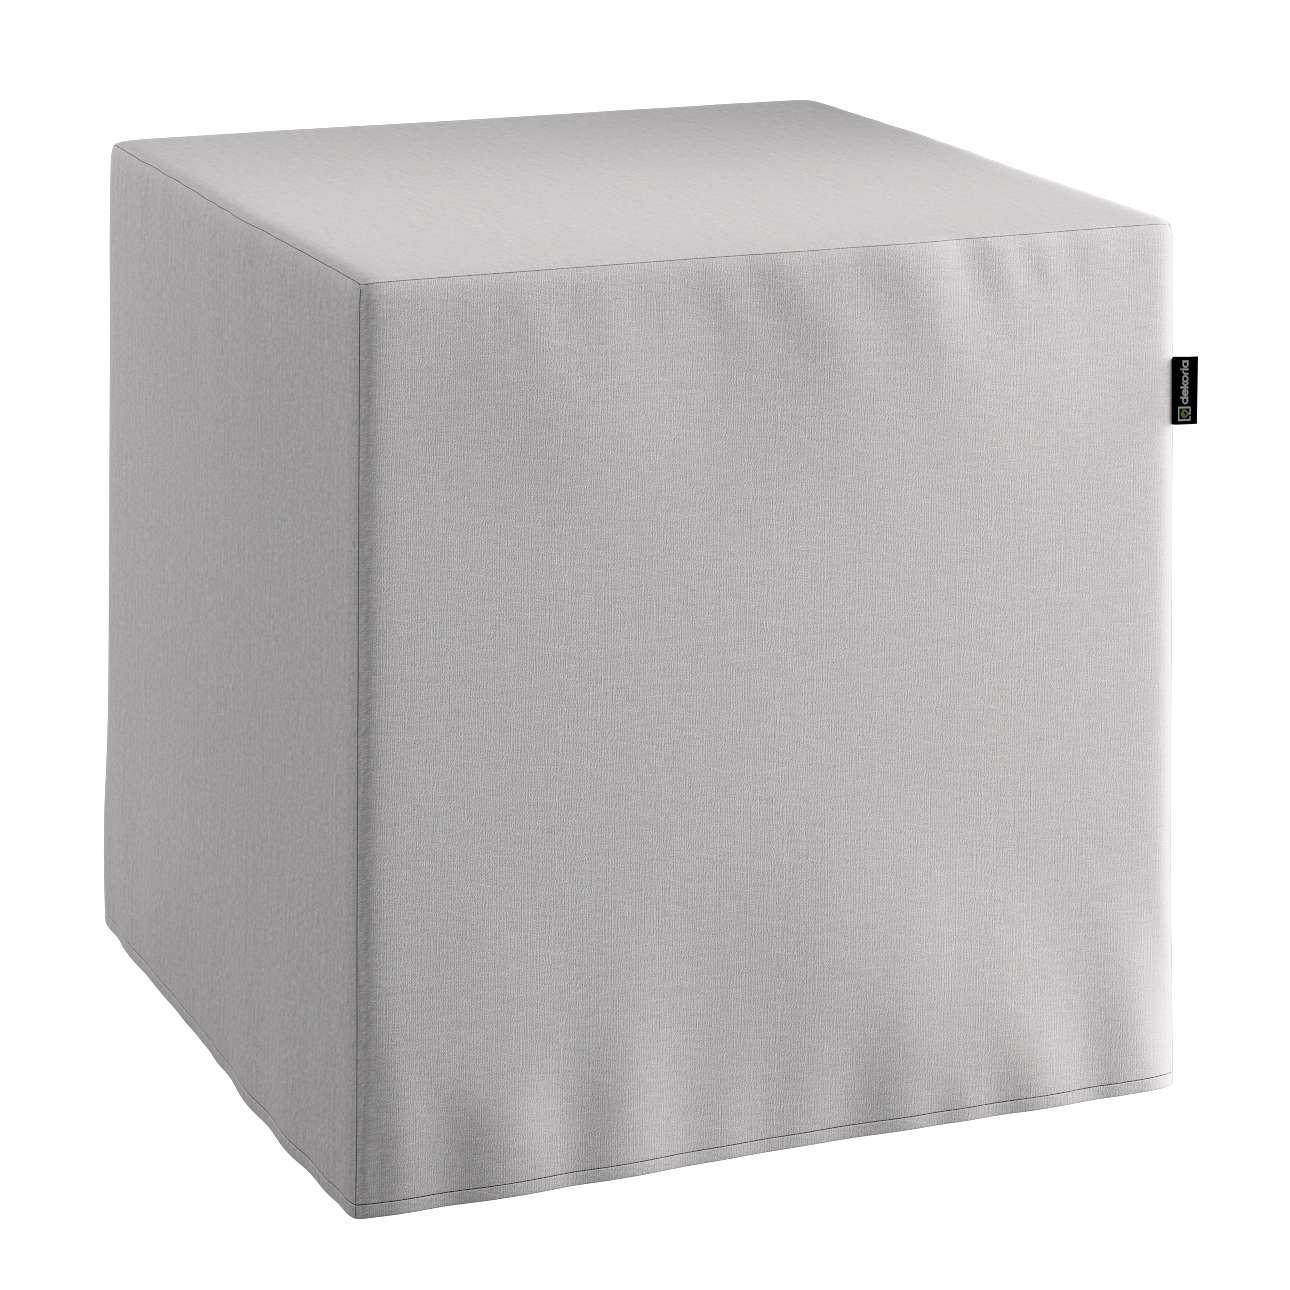 Pokrowiec na pufę kostke kostka 40x40x40 cm w kolekcji Chenille, tkanina: 702-23